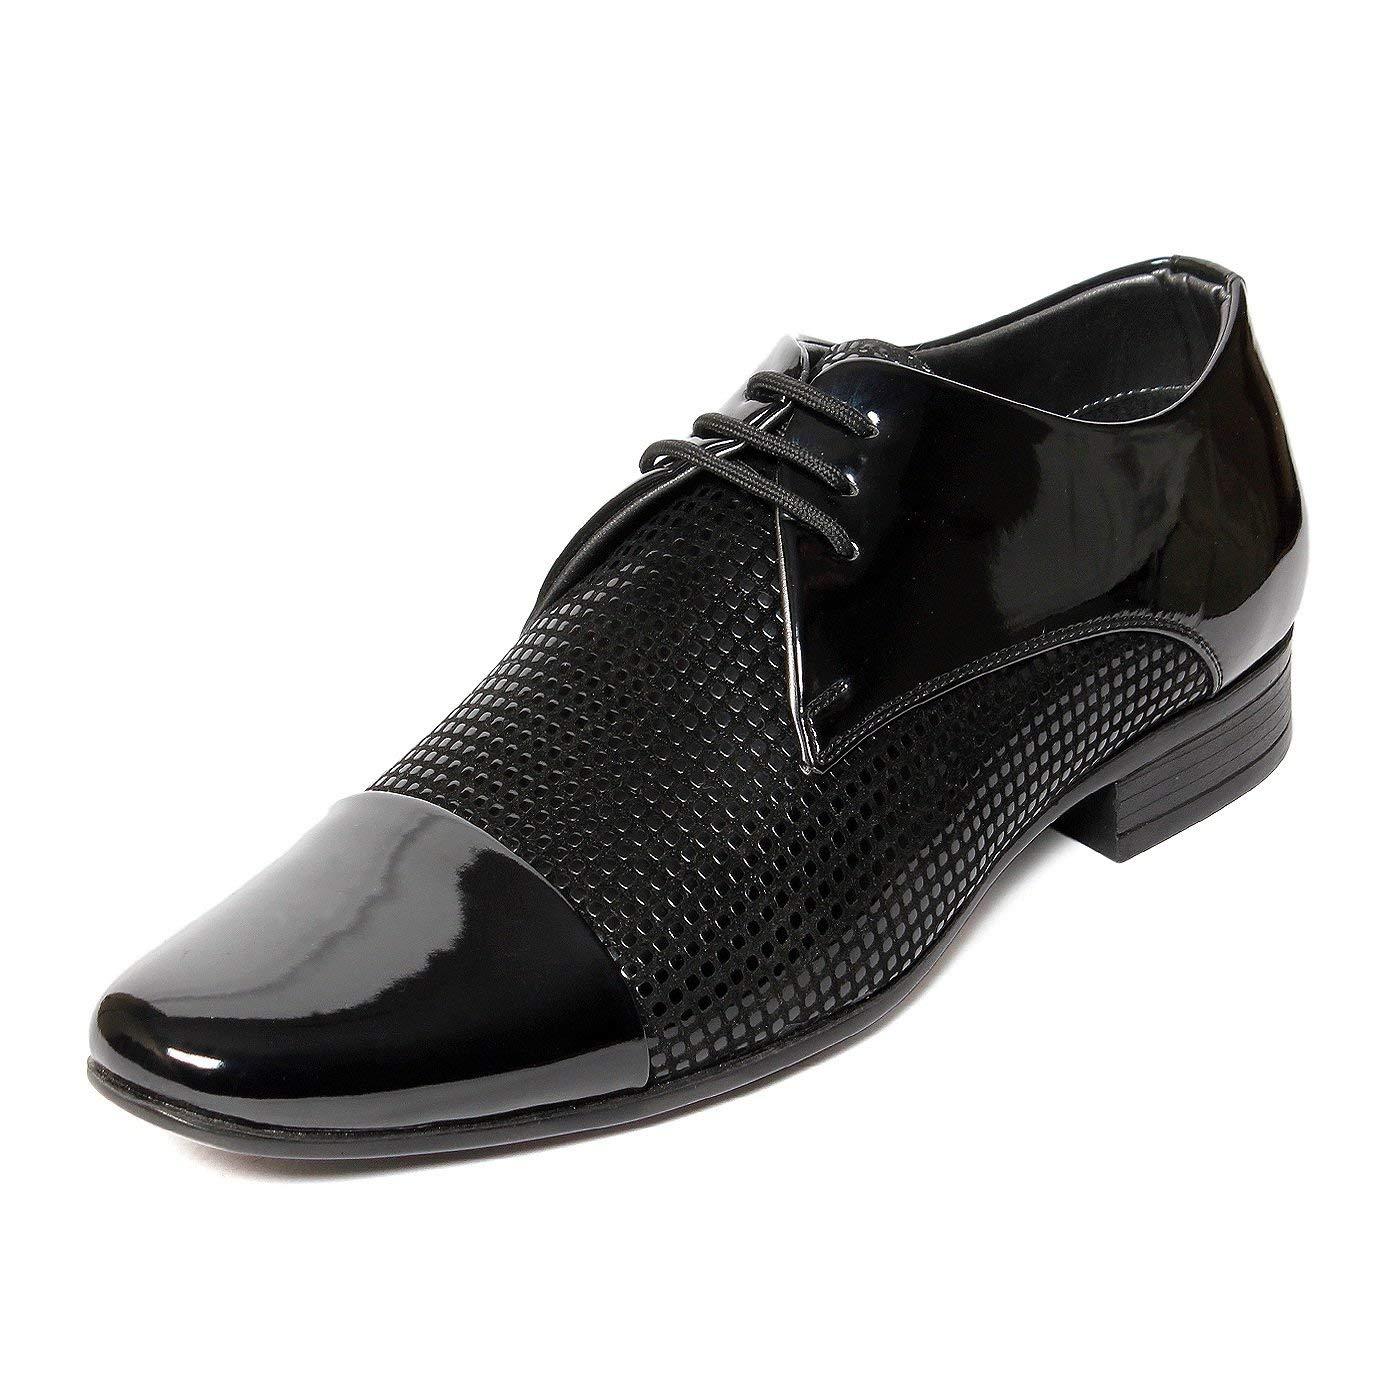 Bacca Bucci Men's Derby Shoes- Amazon